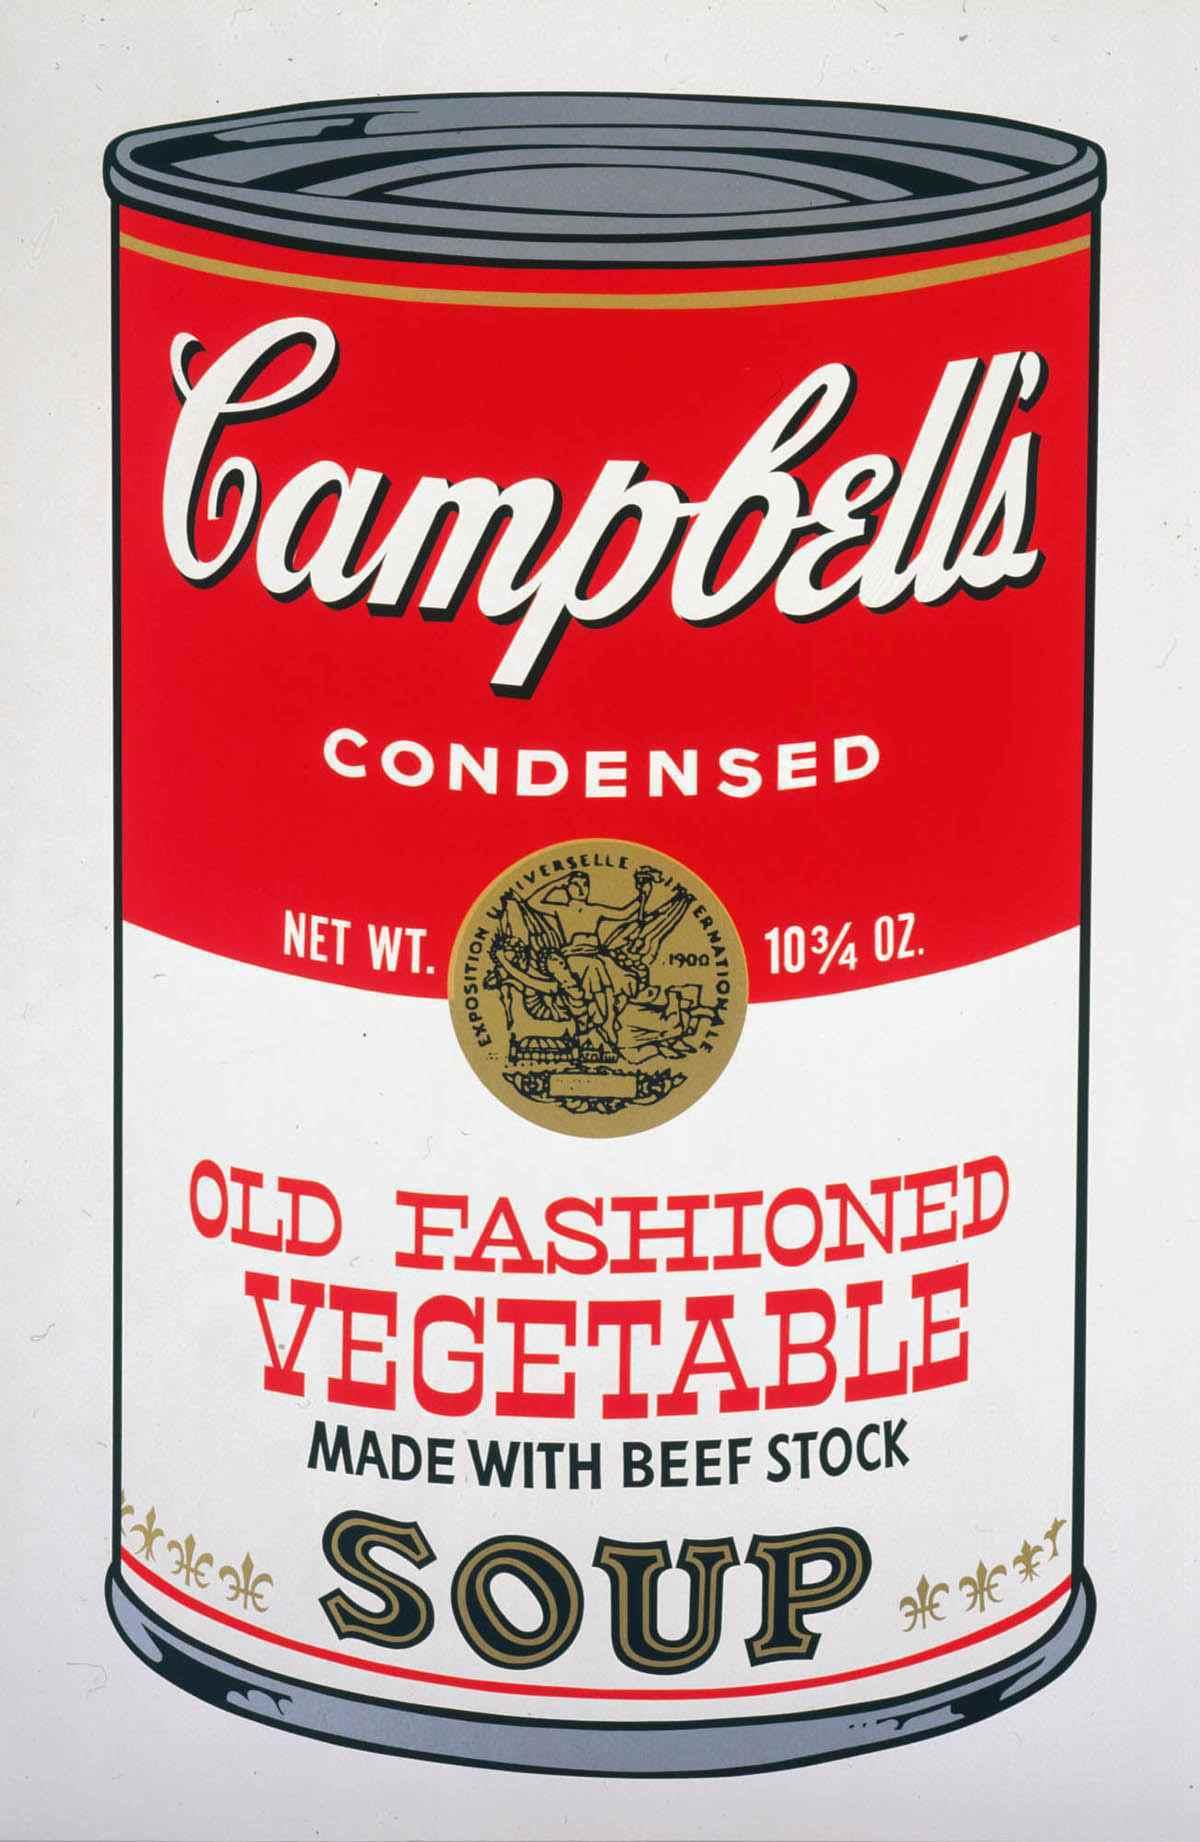 Andy Warhol Desktop Wallpapers Top Free Andy Warhol